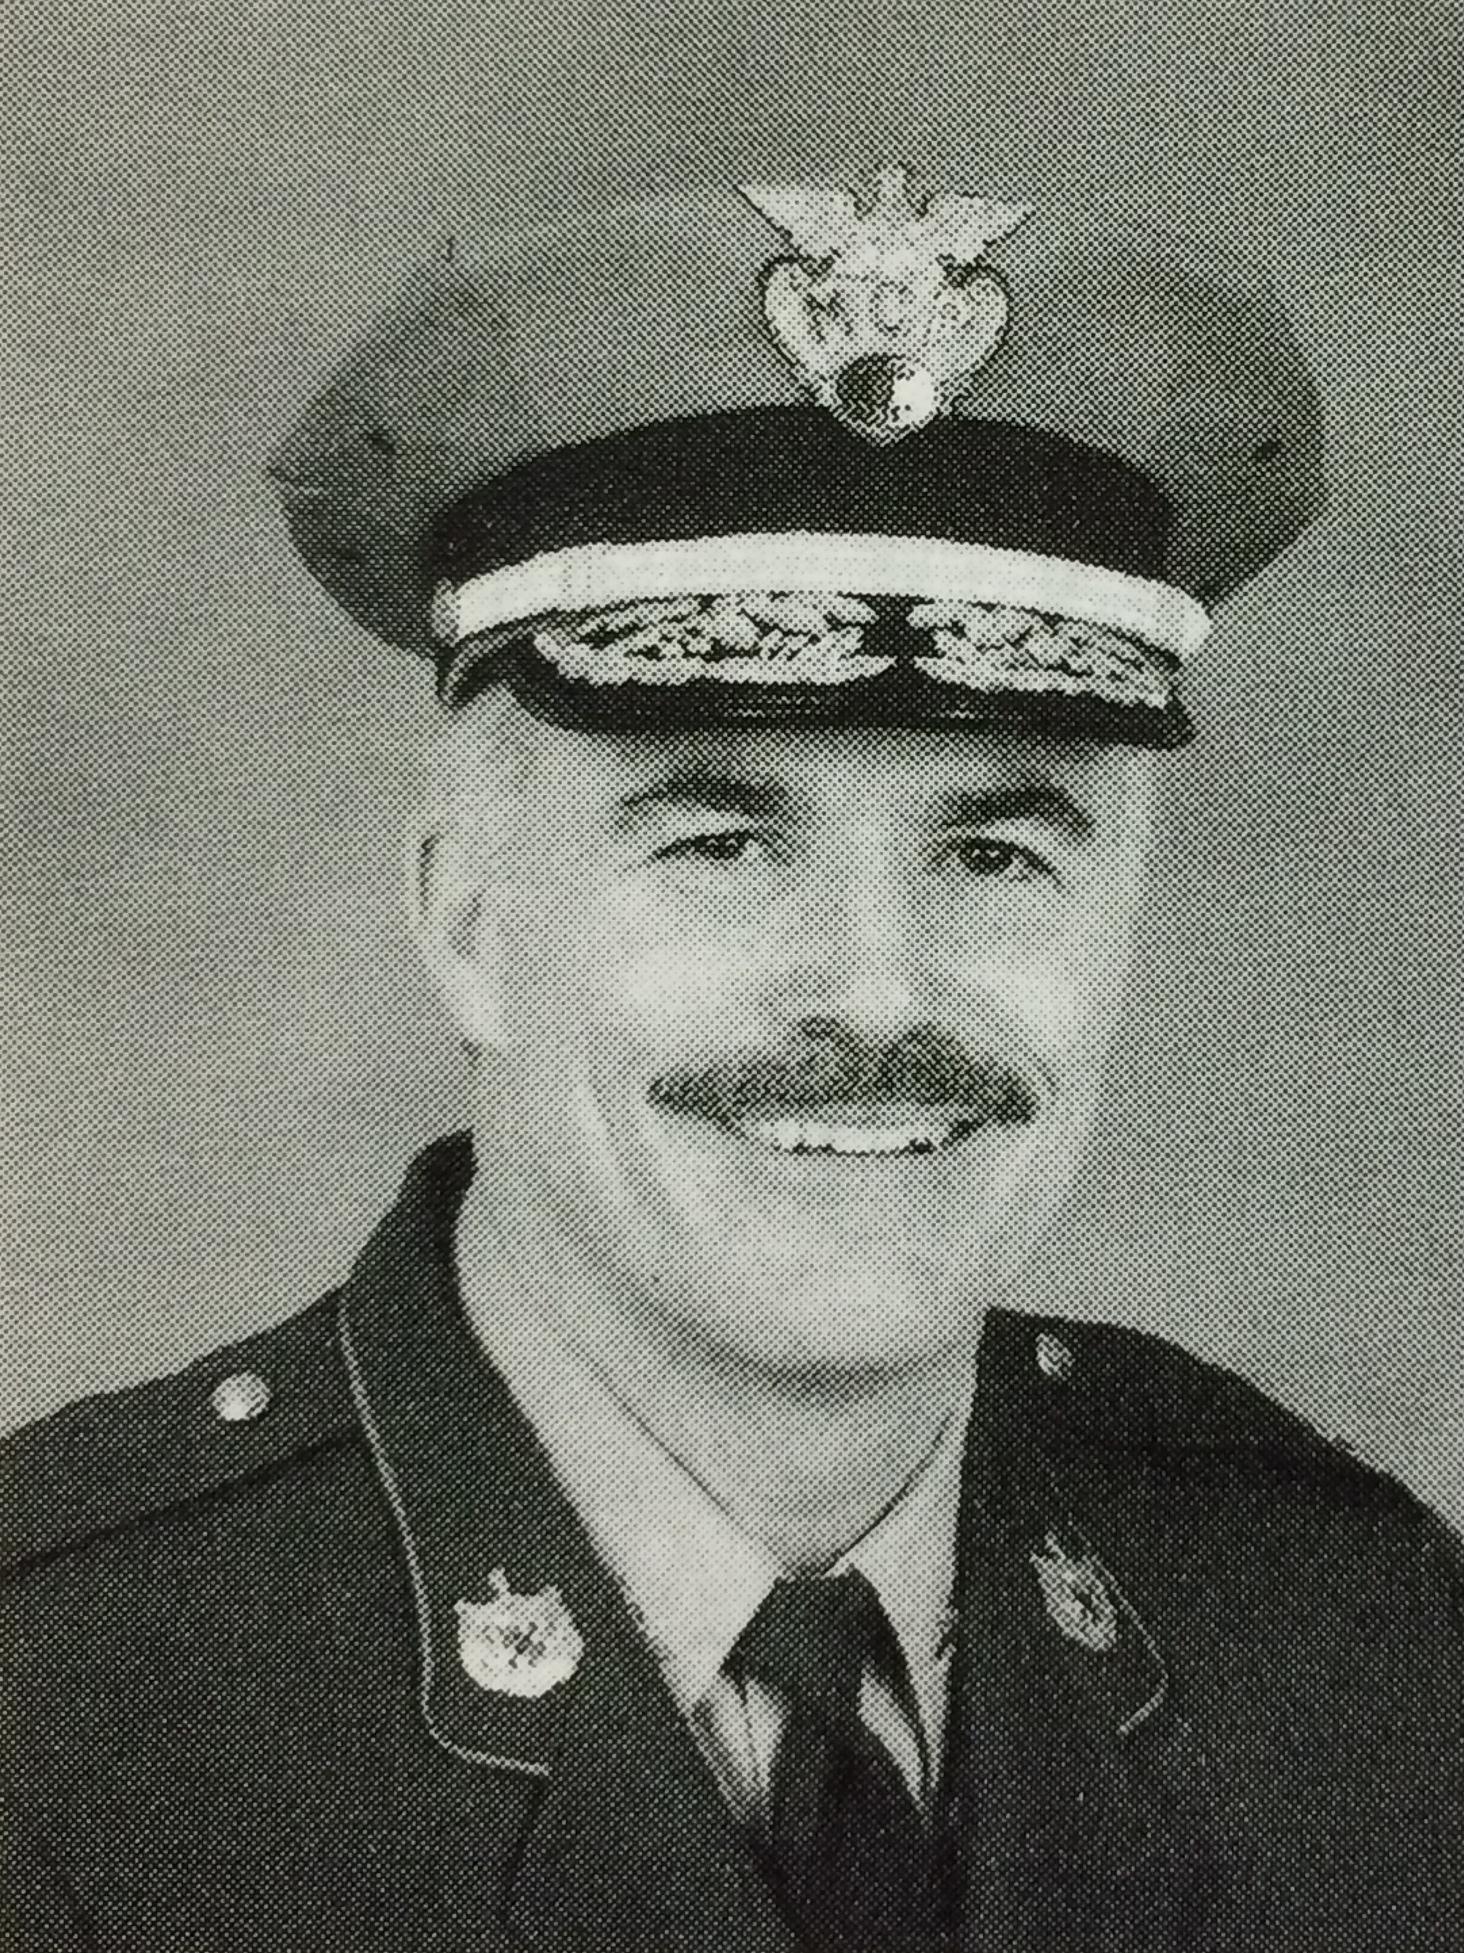 Chief J. Thomas Manger